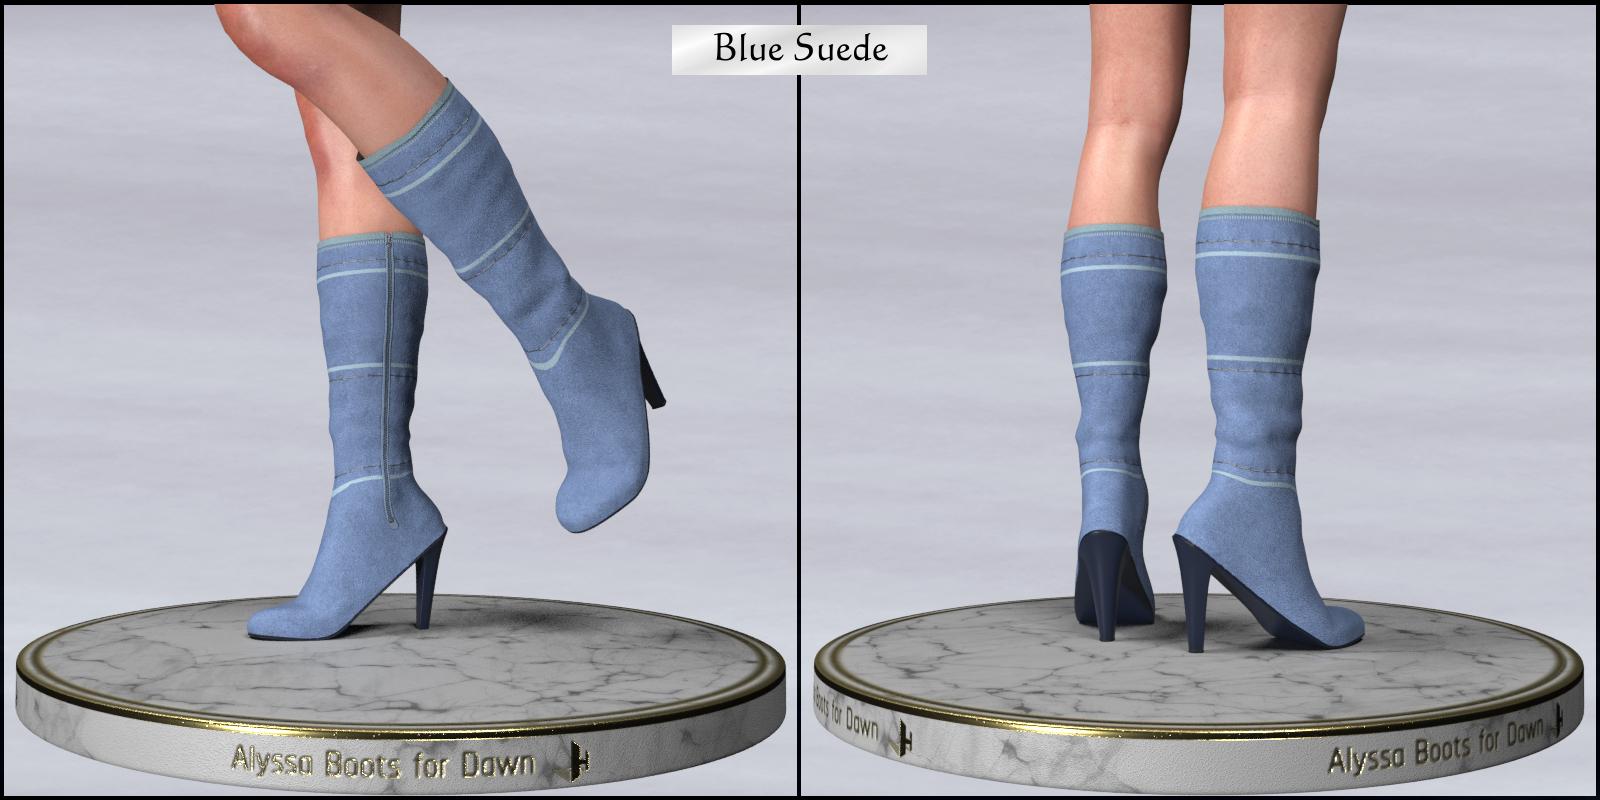 01 Blue Suede.jpg